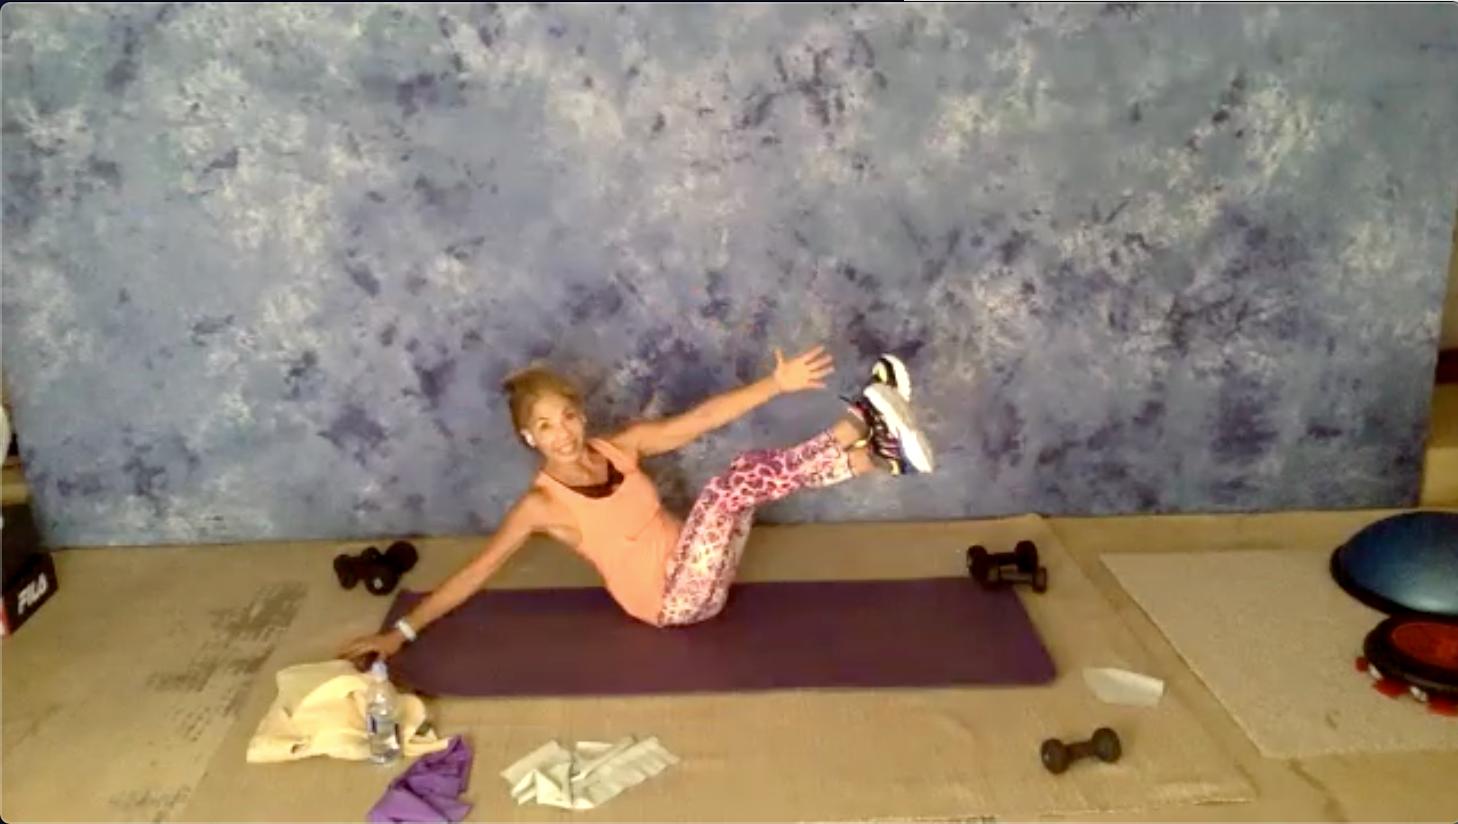 Pilates Fit Blast!: 8.19.2020